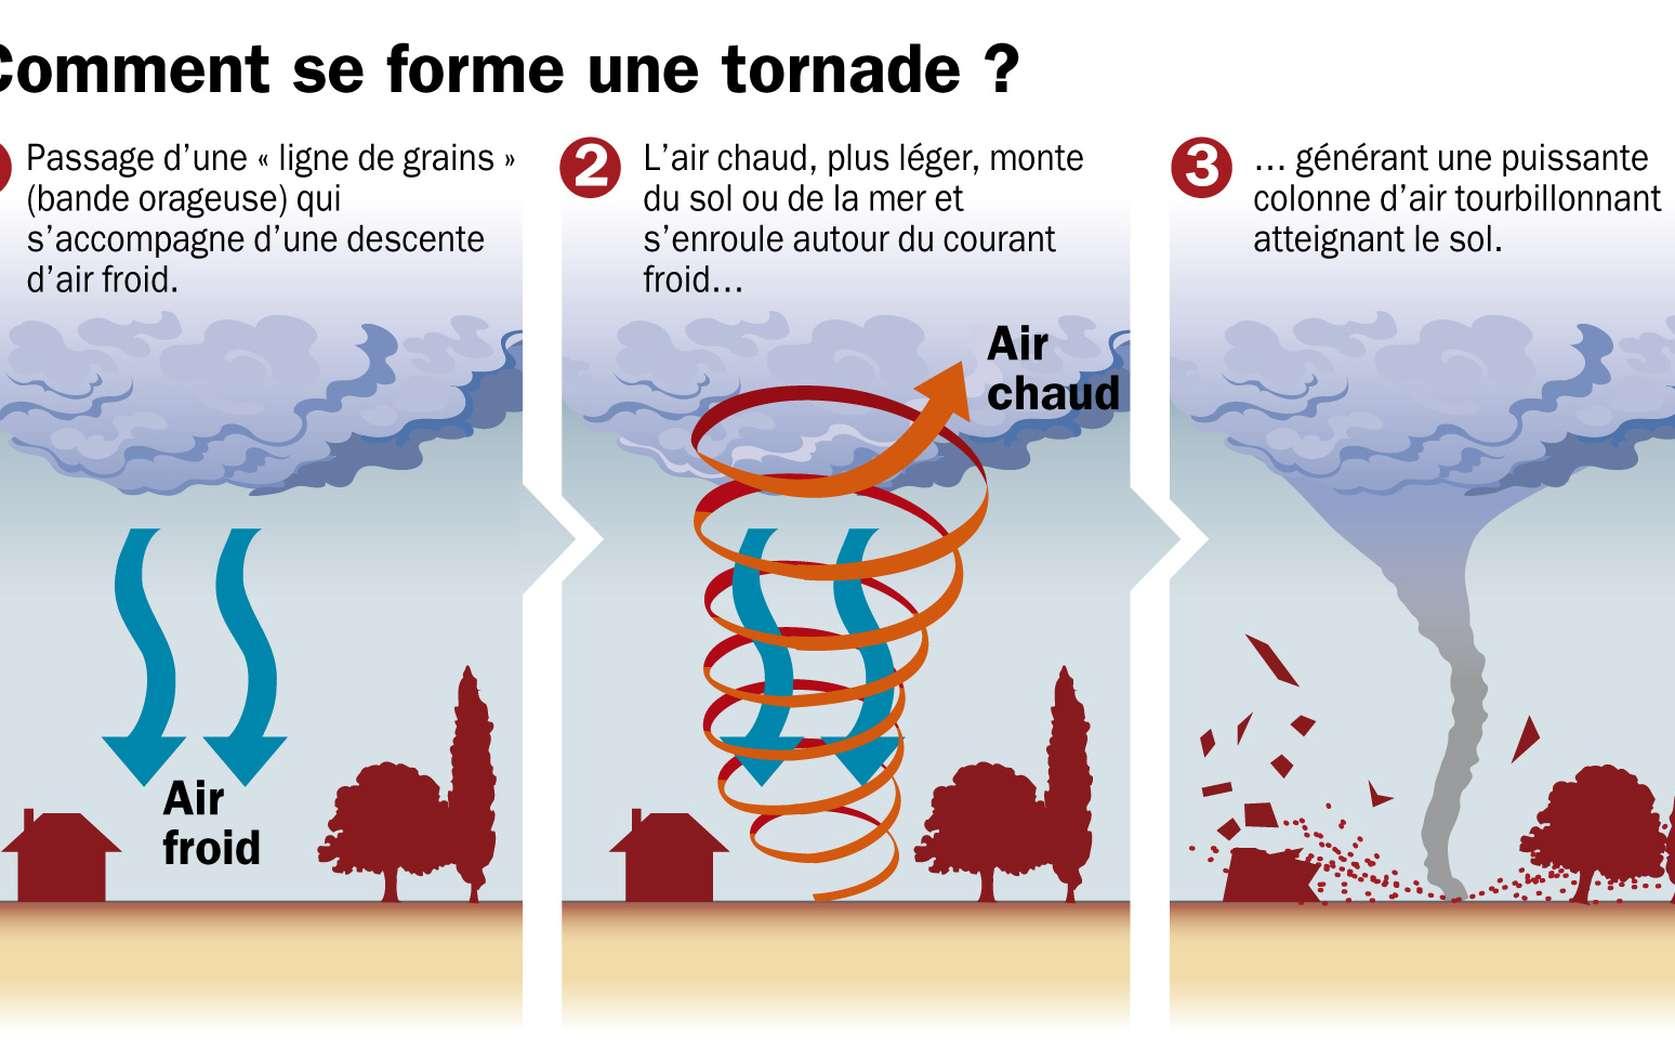 Formation d'une tornade en image. Ce phénomène se déroule majoritairement sous des nuages d'orage, les cumulonimbus. © Idé